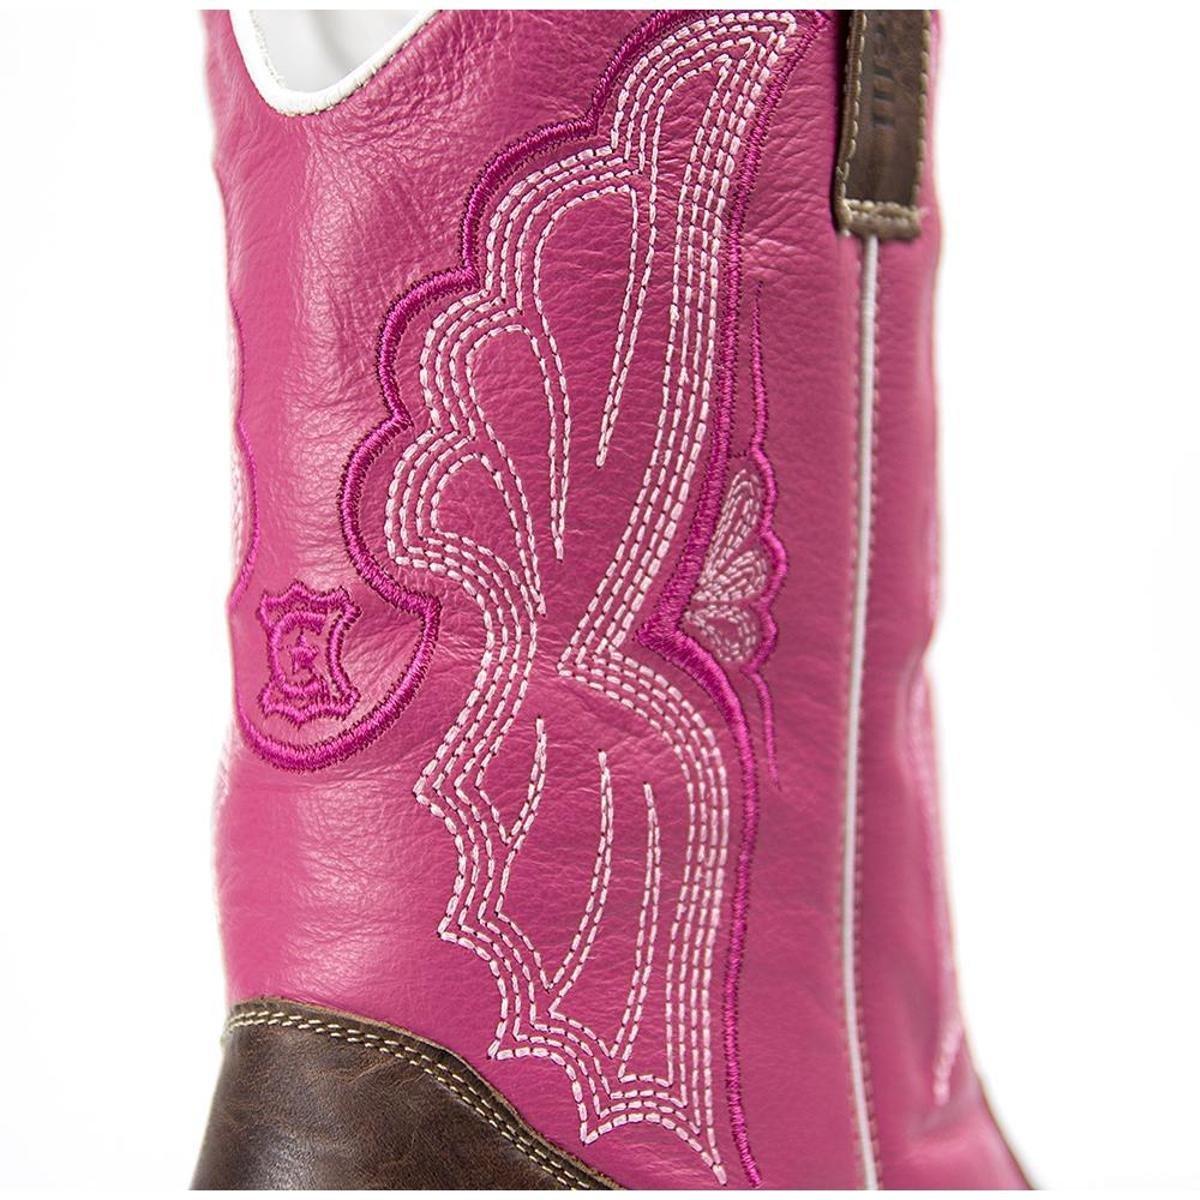 Bota Bota Capelli Rosa Country Couro em Feminina Legítimo em Texana awSW4qnwpd